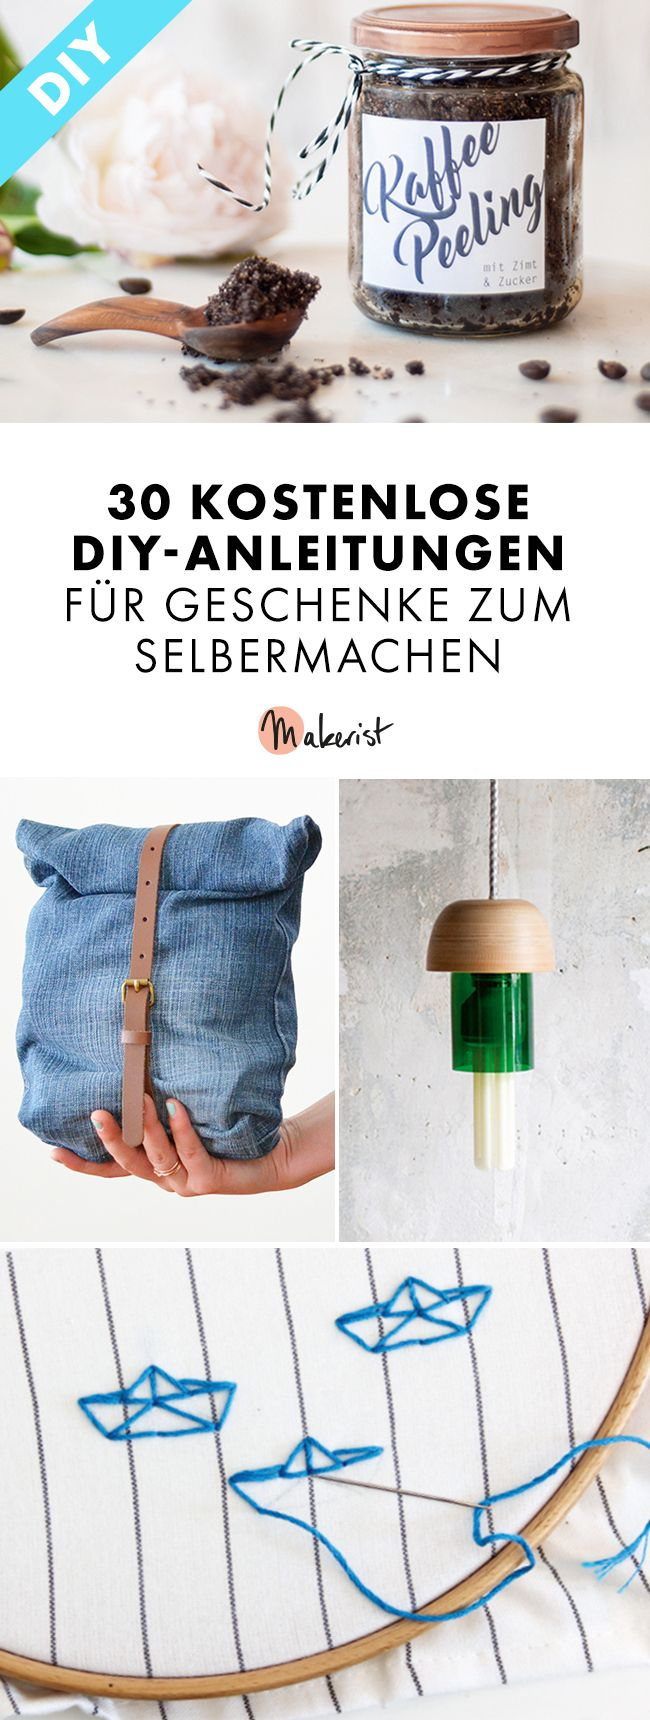 Photo of 30 kostenlose diy anleitungen für geschenke zum selbermachen pin (1)